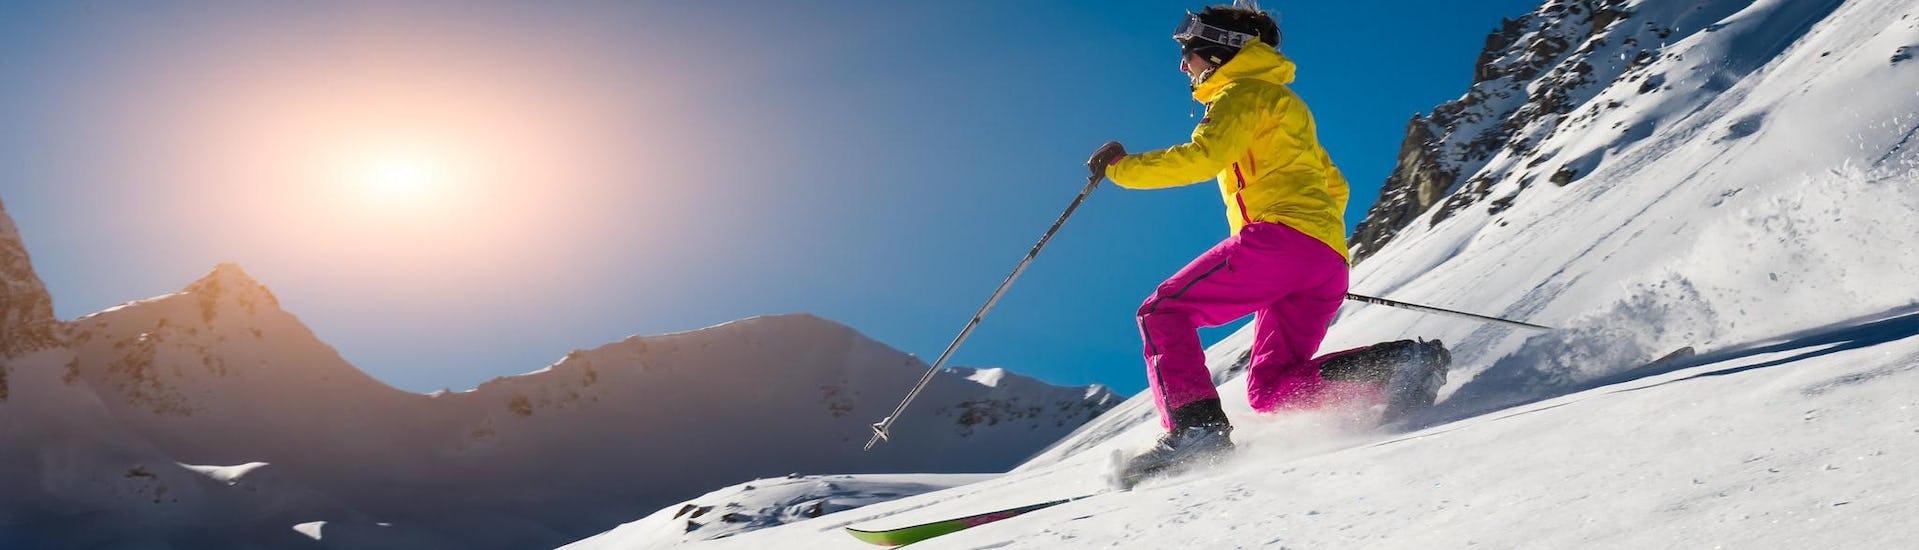 Sous un grand soleil, une skieuse glisse sur une piste de ski lors d'un Télémark Privé - Tous Niveaux & Âges organisé par ESI First Tracks Courchevel.